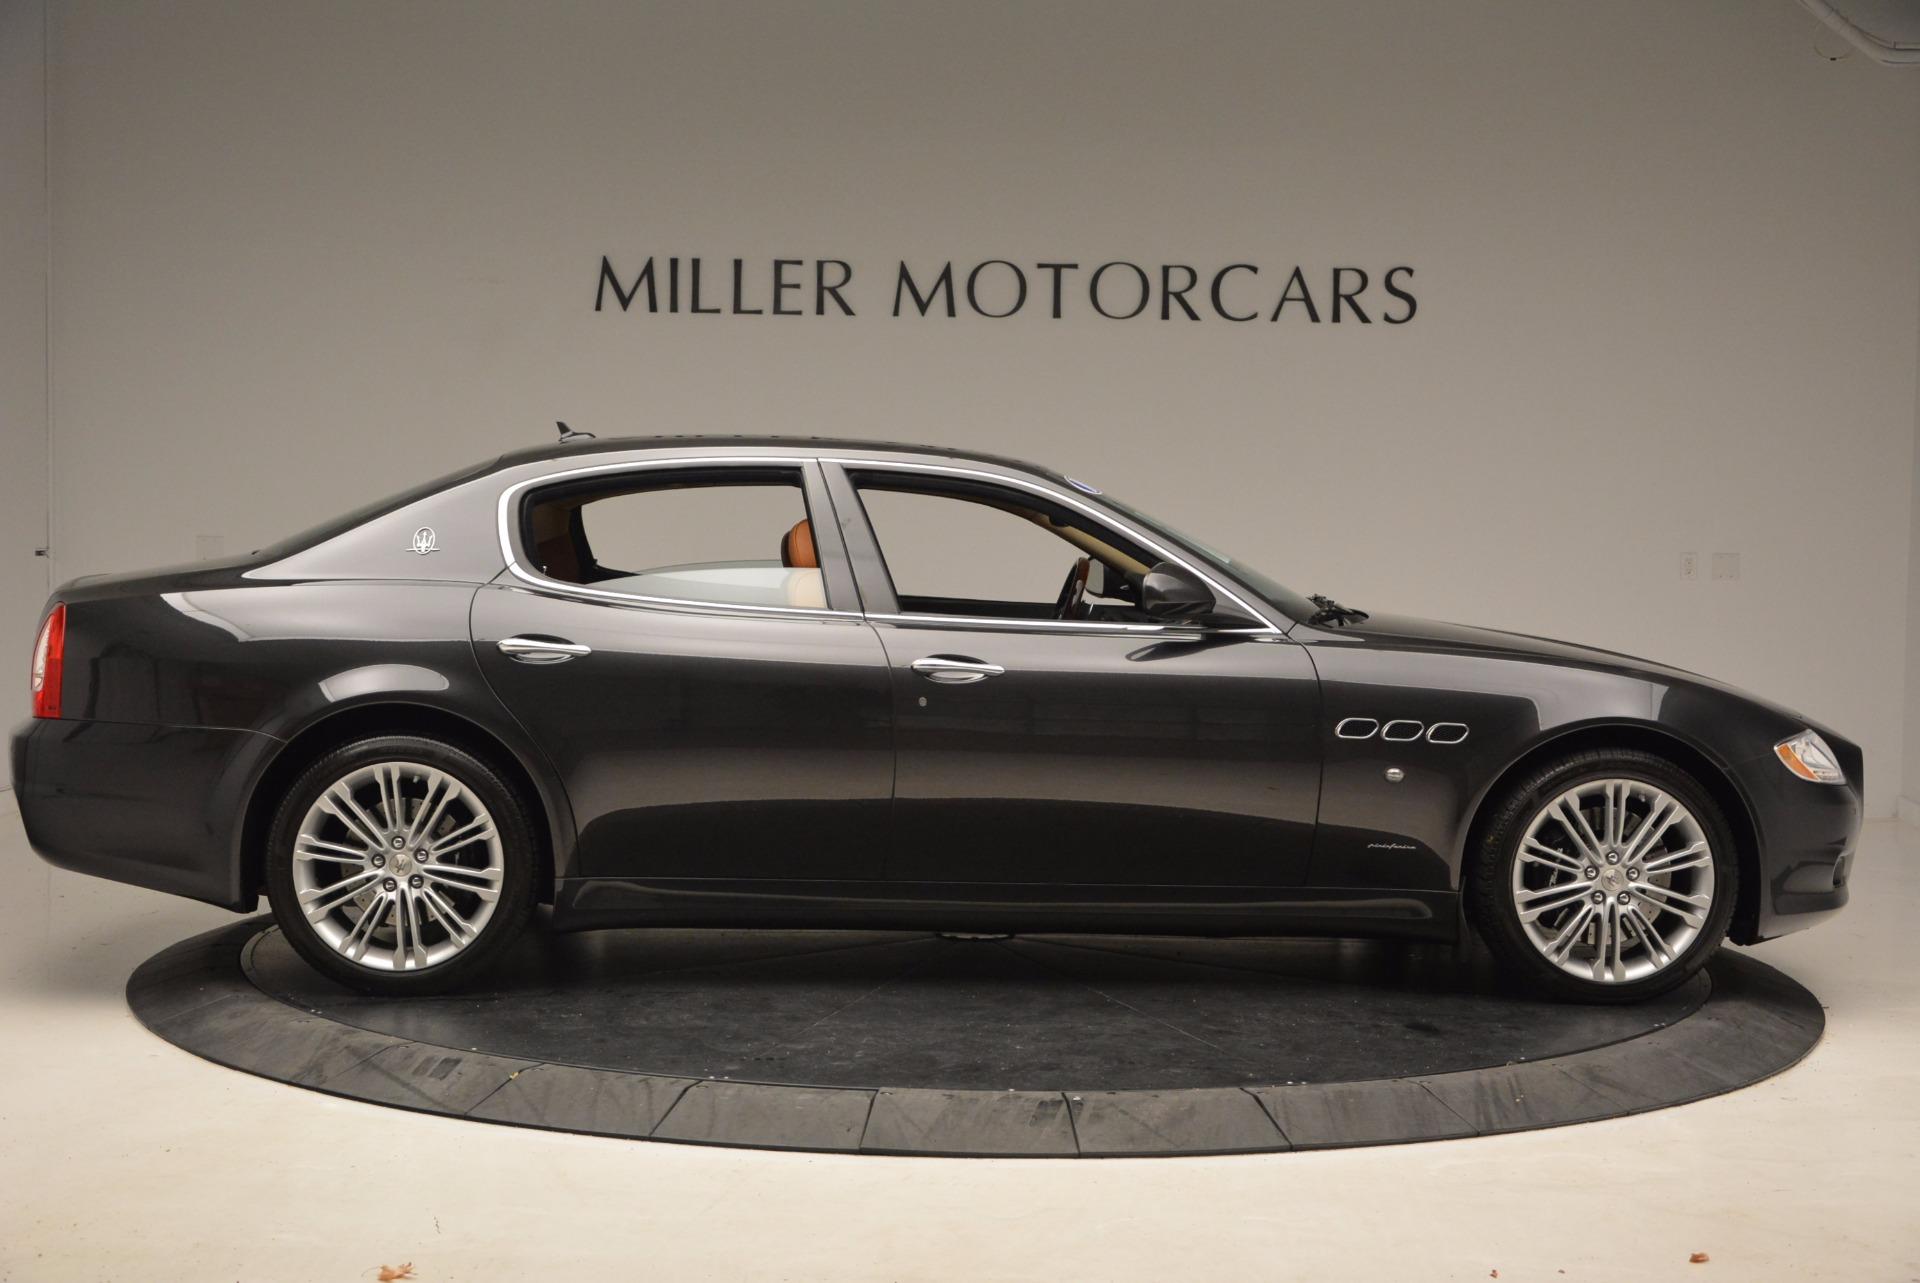 Used 2010 Maserati Quattroporte S For Sale In Greenwich, CT. Alfa Romeo of Greenwich, 7279 1551_p9